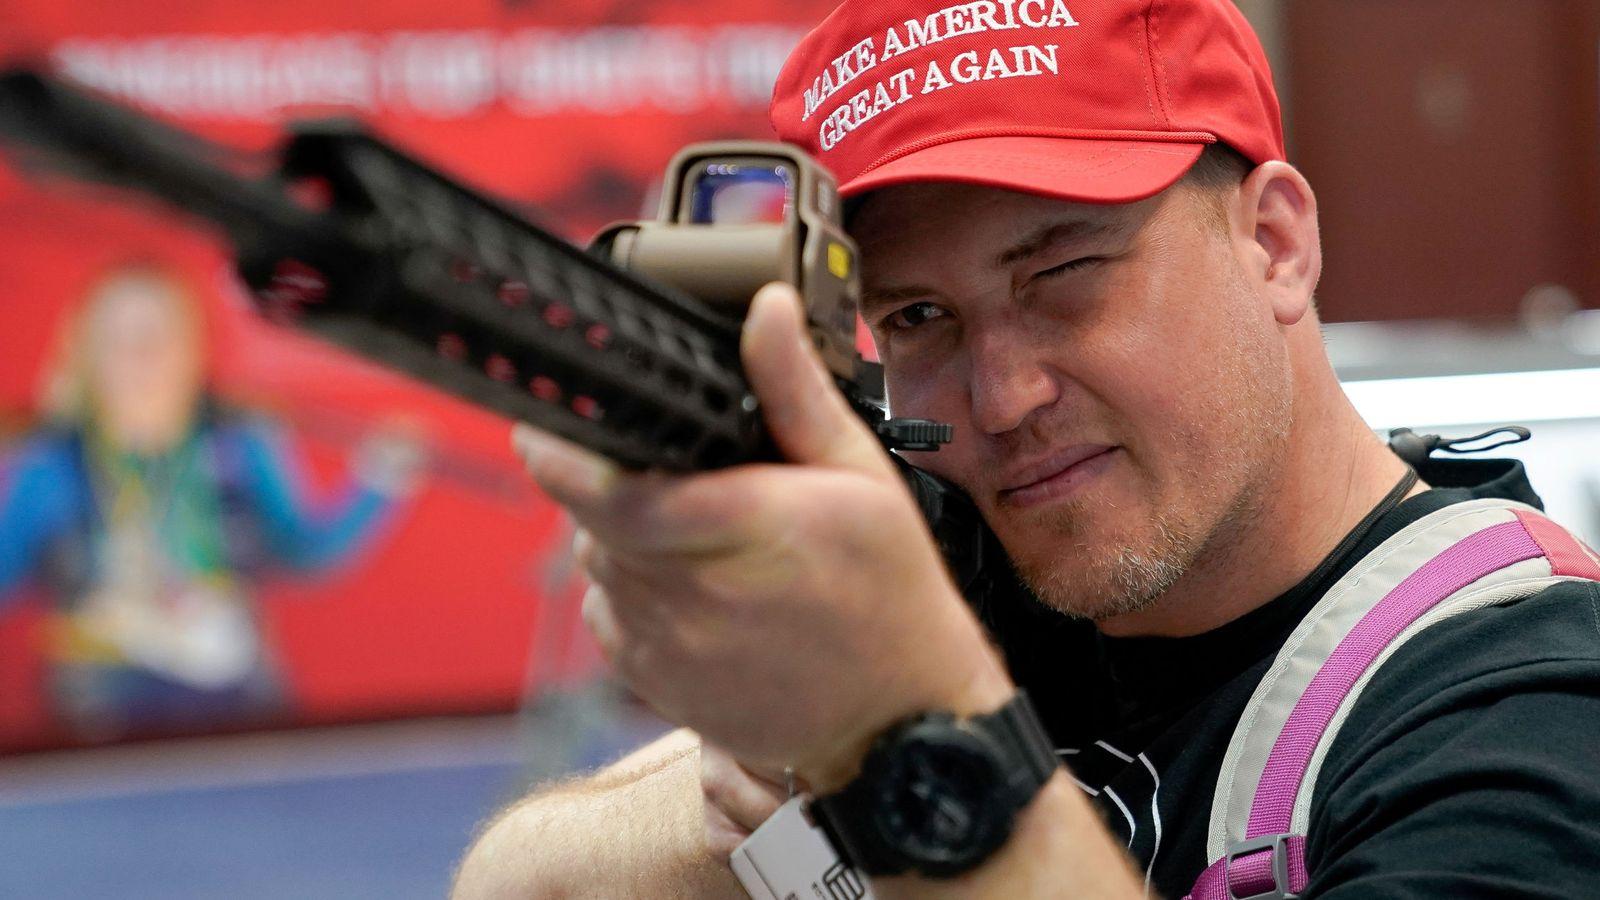 Foto: Un hombre probando un rifle semiautomático en el congreso anual de la Asociación Nacional del Rifle. (Reuters)